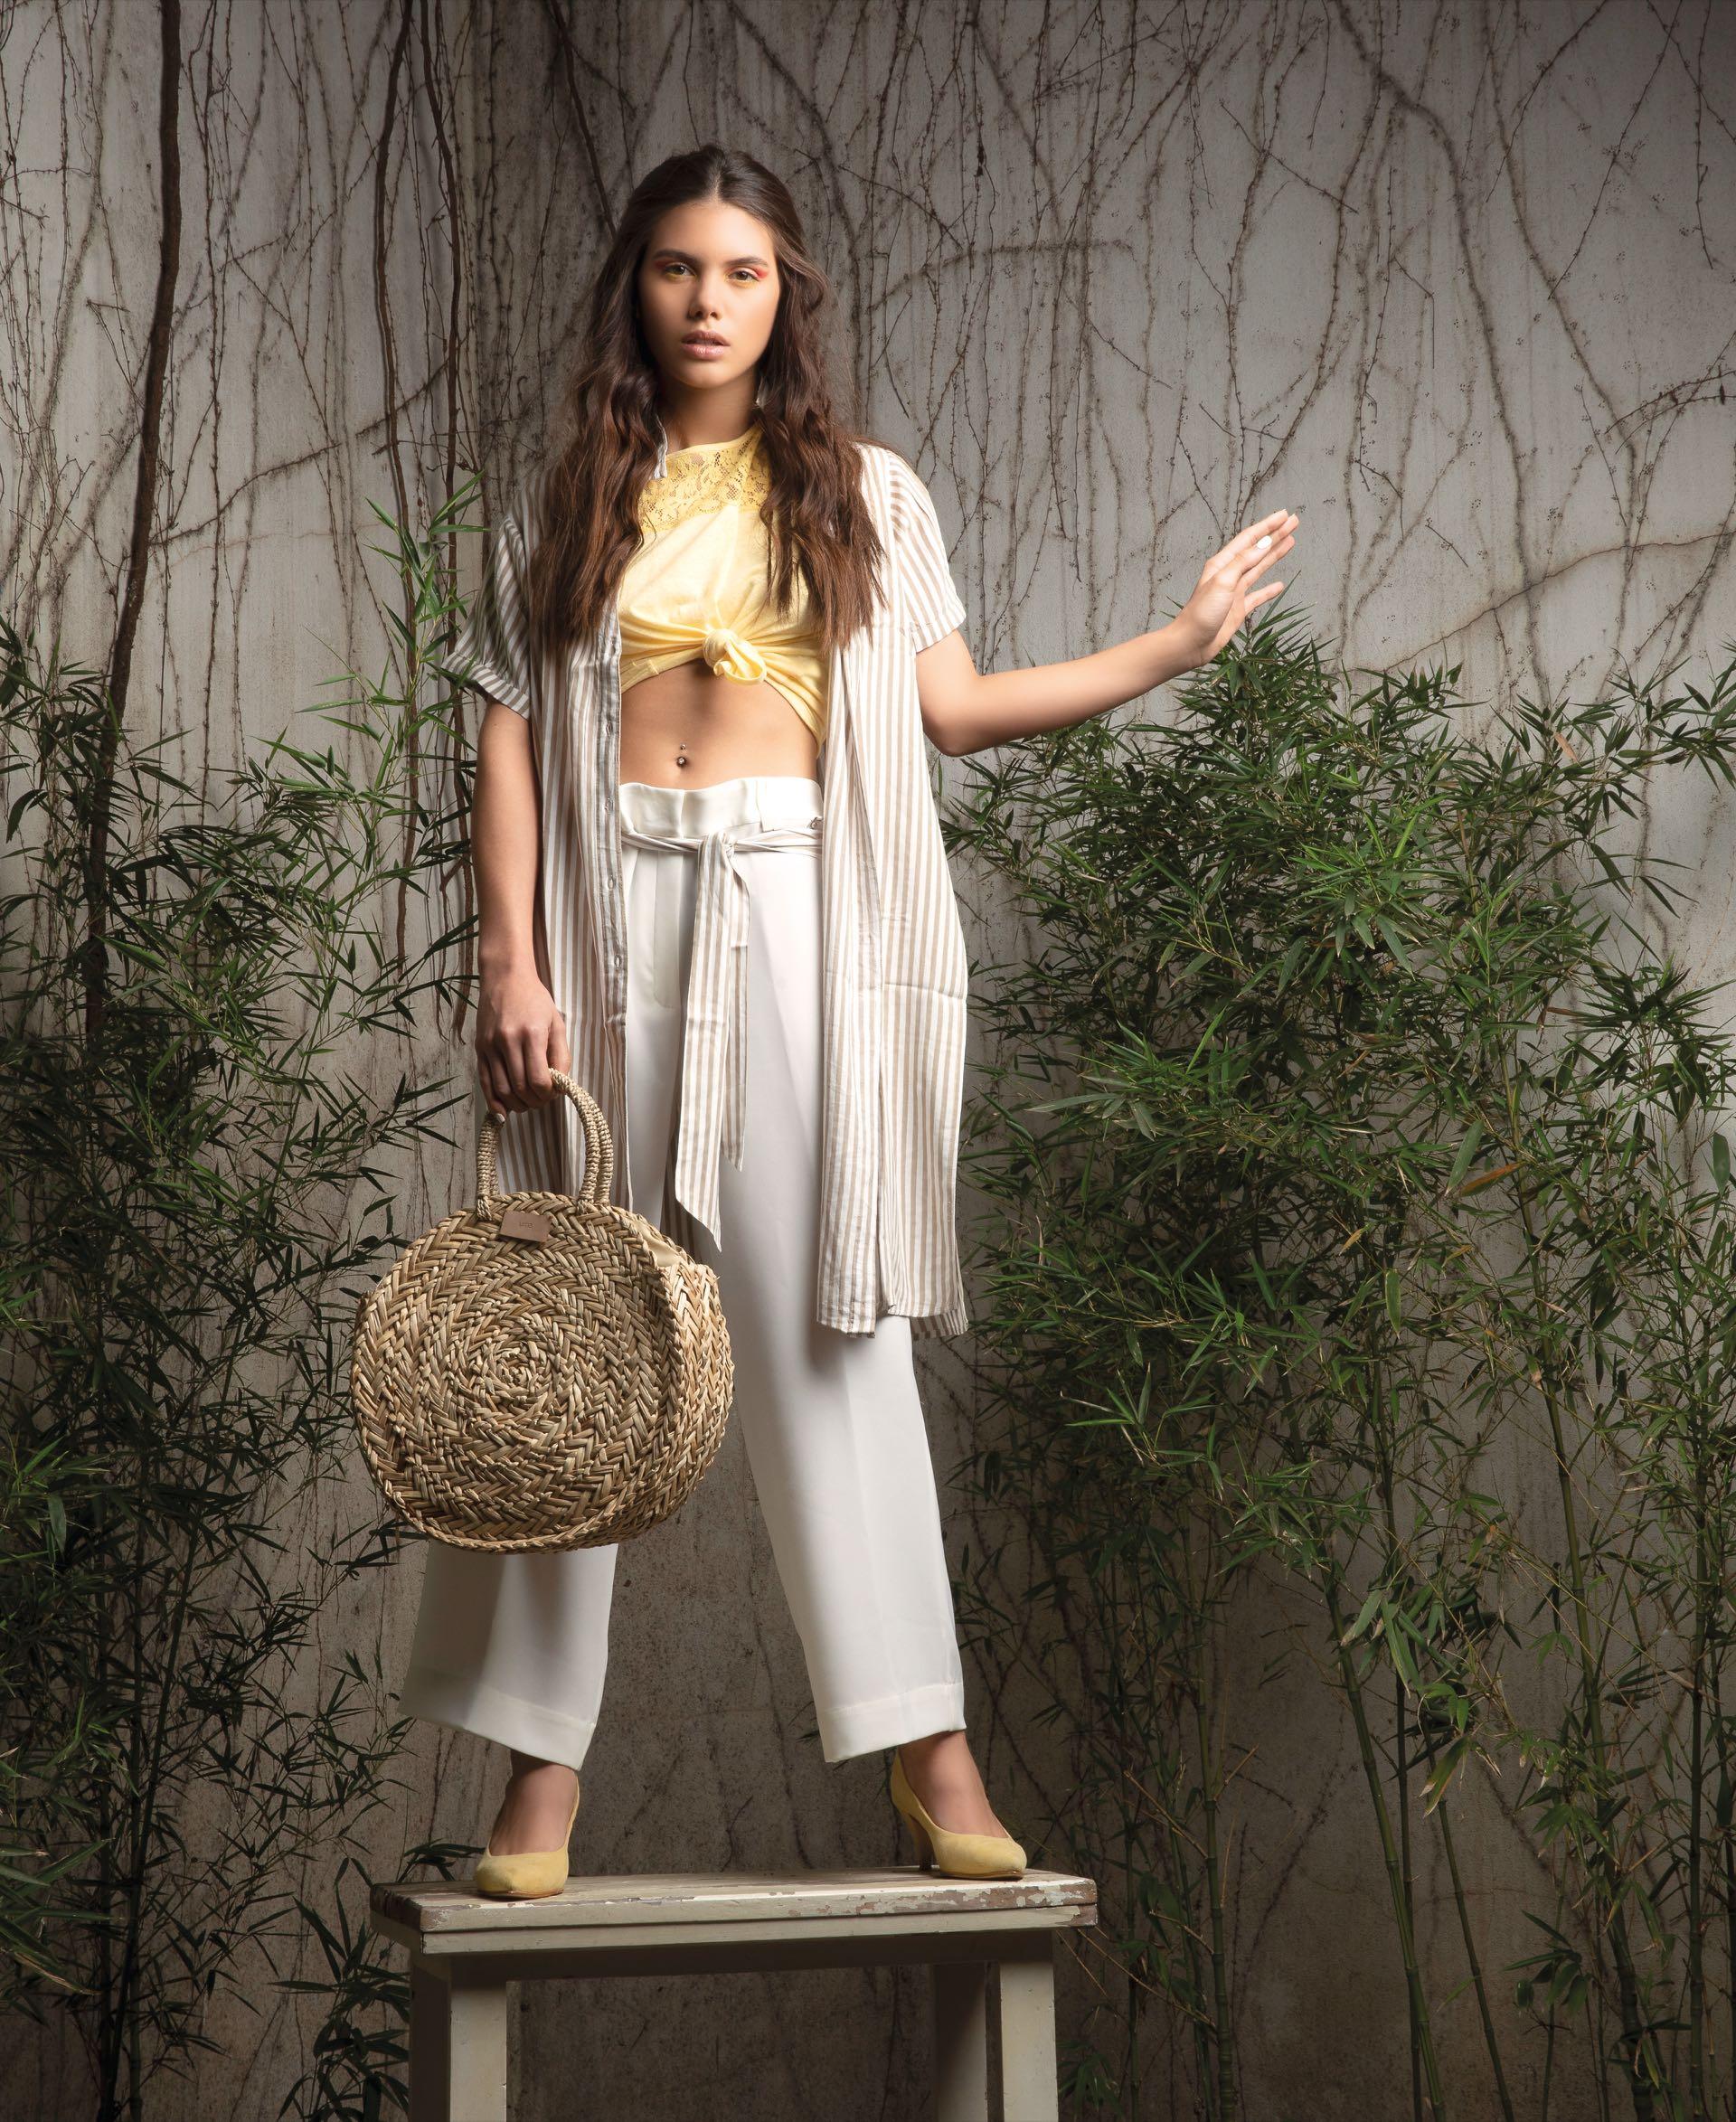 Camisa larga rayada con lazo (India Style), remera de algodón con pechera de encaje (Kevingston), pantalón ancho ($ 4.113, Mirta Armesto), canasta ($ 2.900, Uma) y stilettos de gamuza($ 5.250, Sofi Martiré).